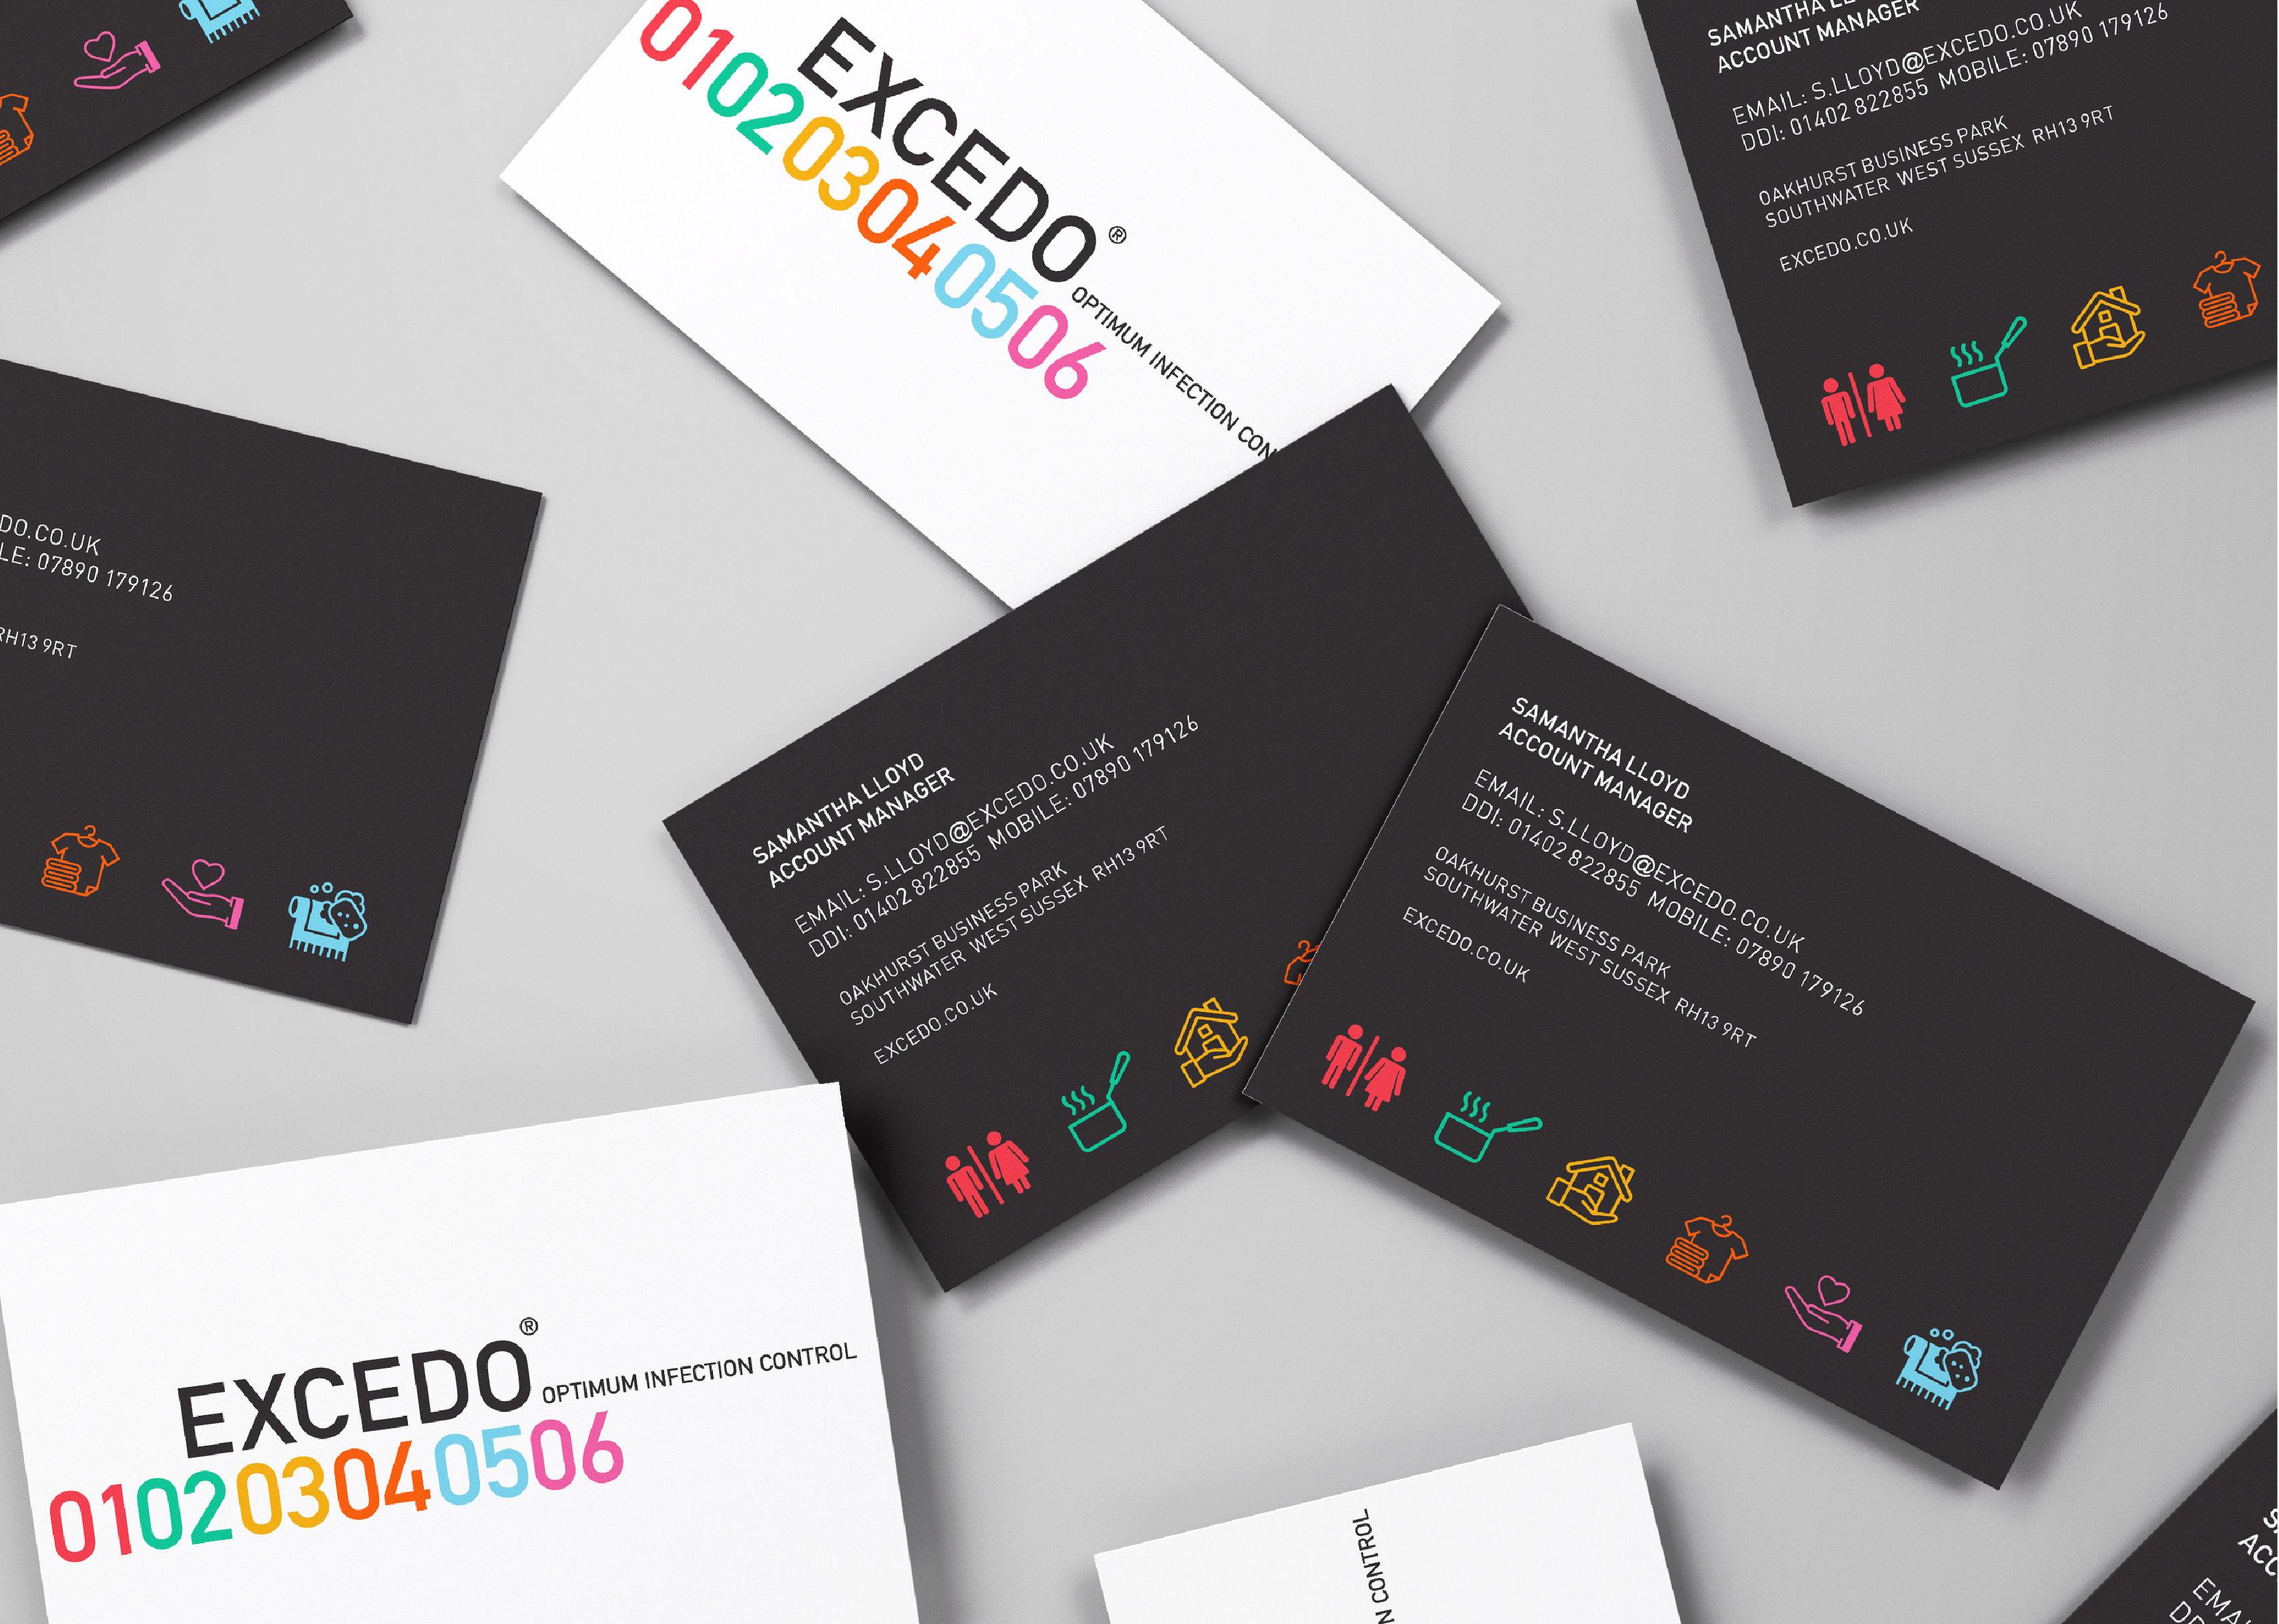 rebrand identity design for healthcare consumables company